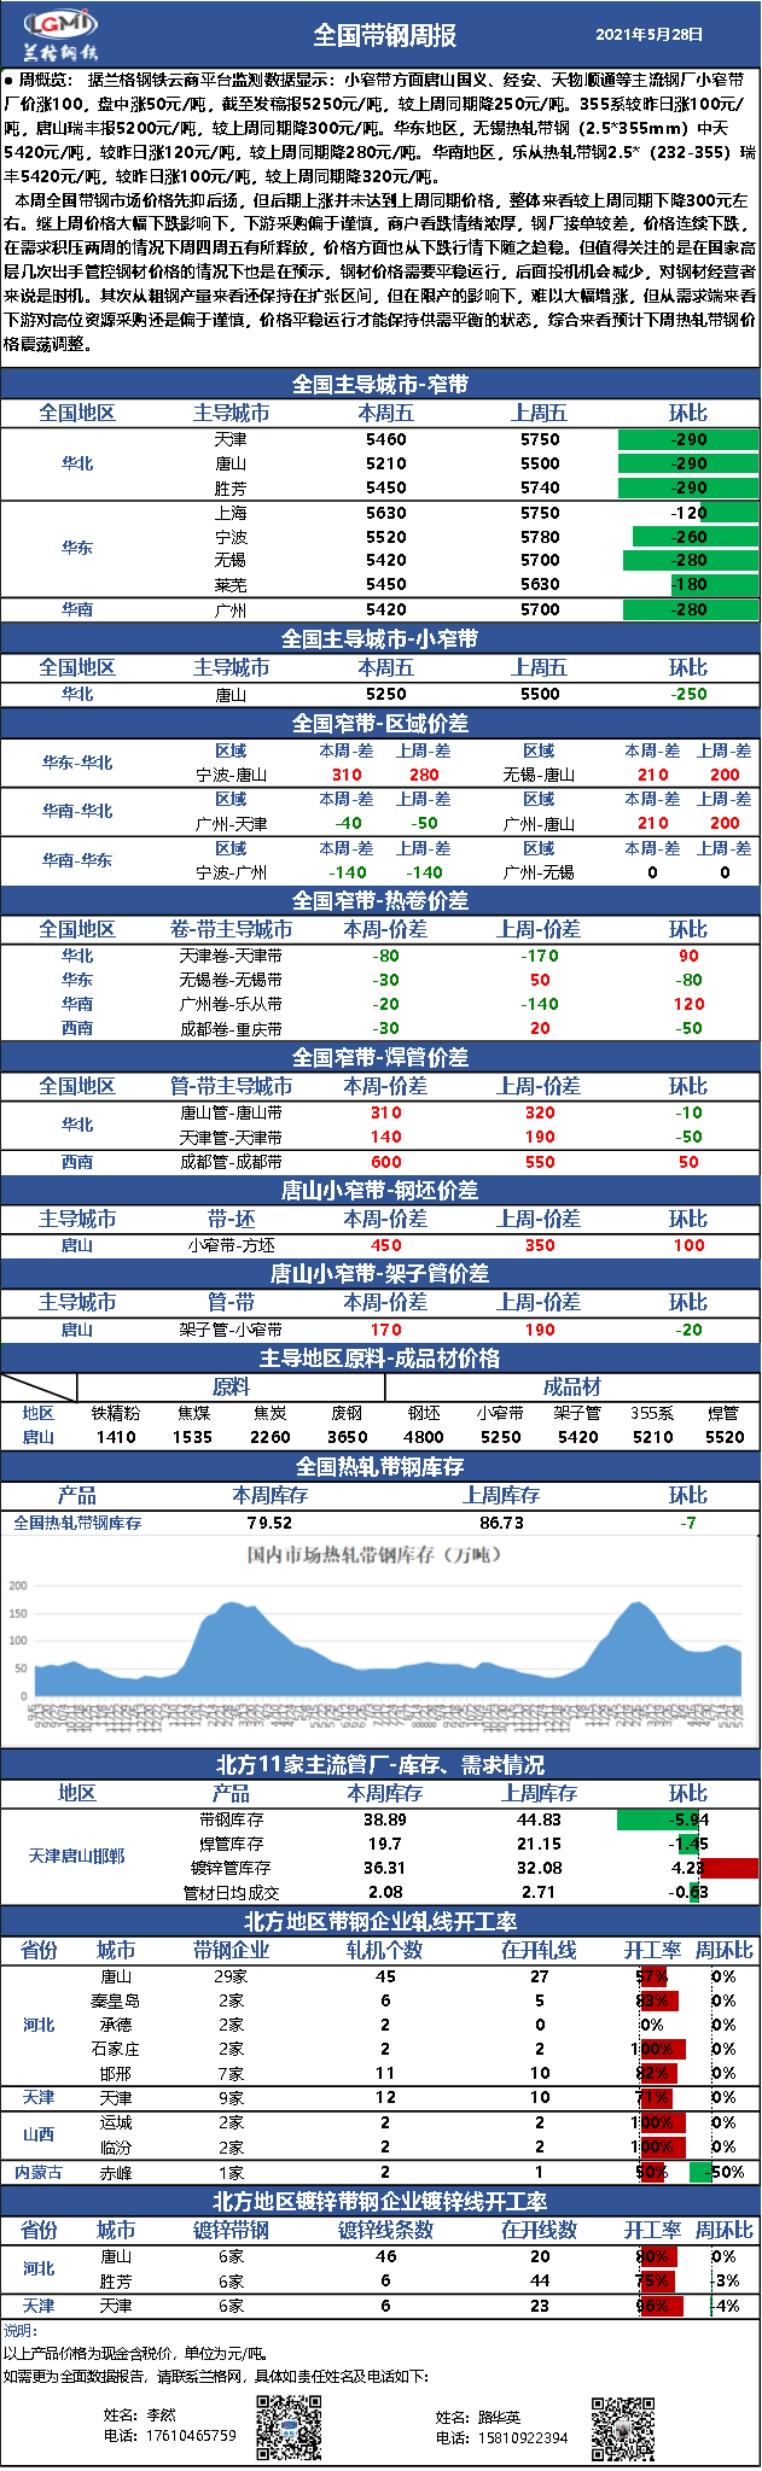 兰格热卷周盘点(5.28):带钢价格先抑后扬  预计短期震荡调整